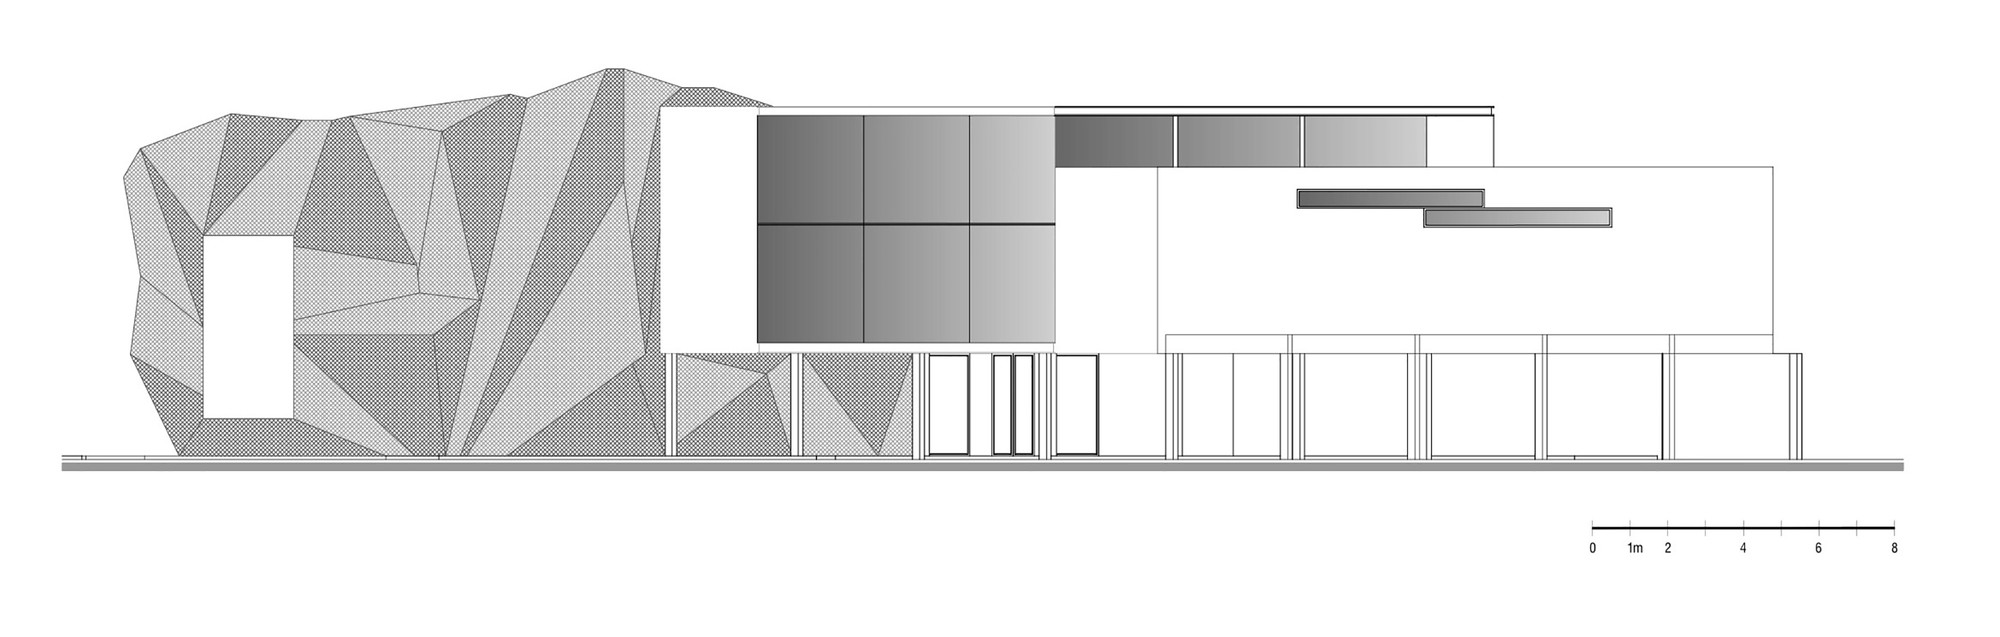 Gallery of Integral Iluminación Commercial Building ...